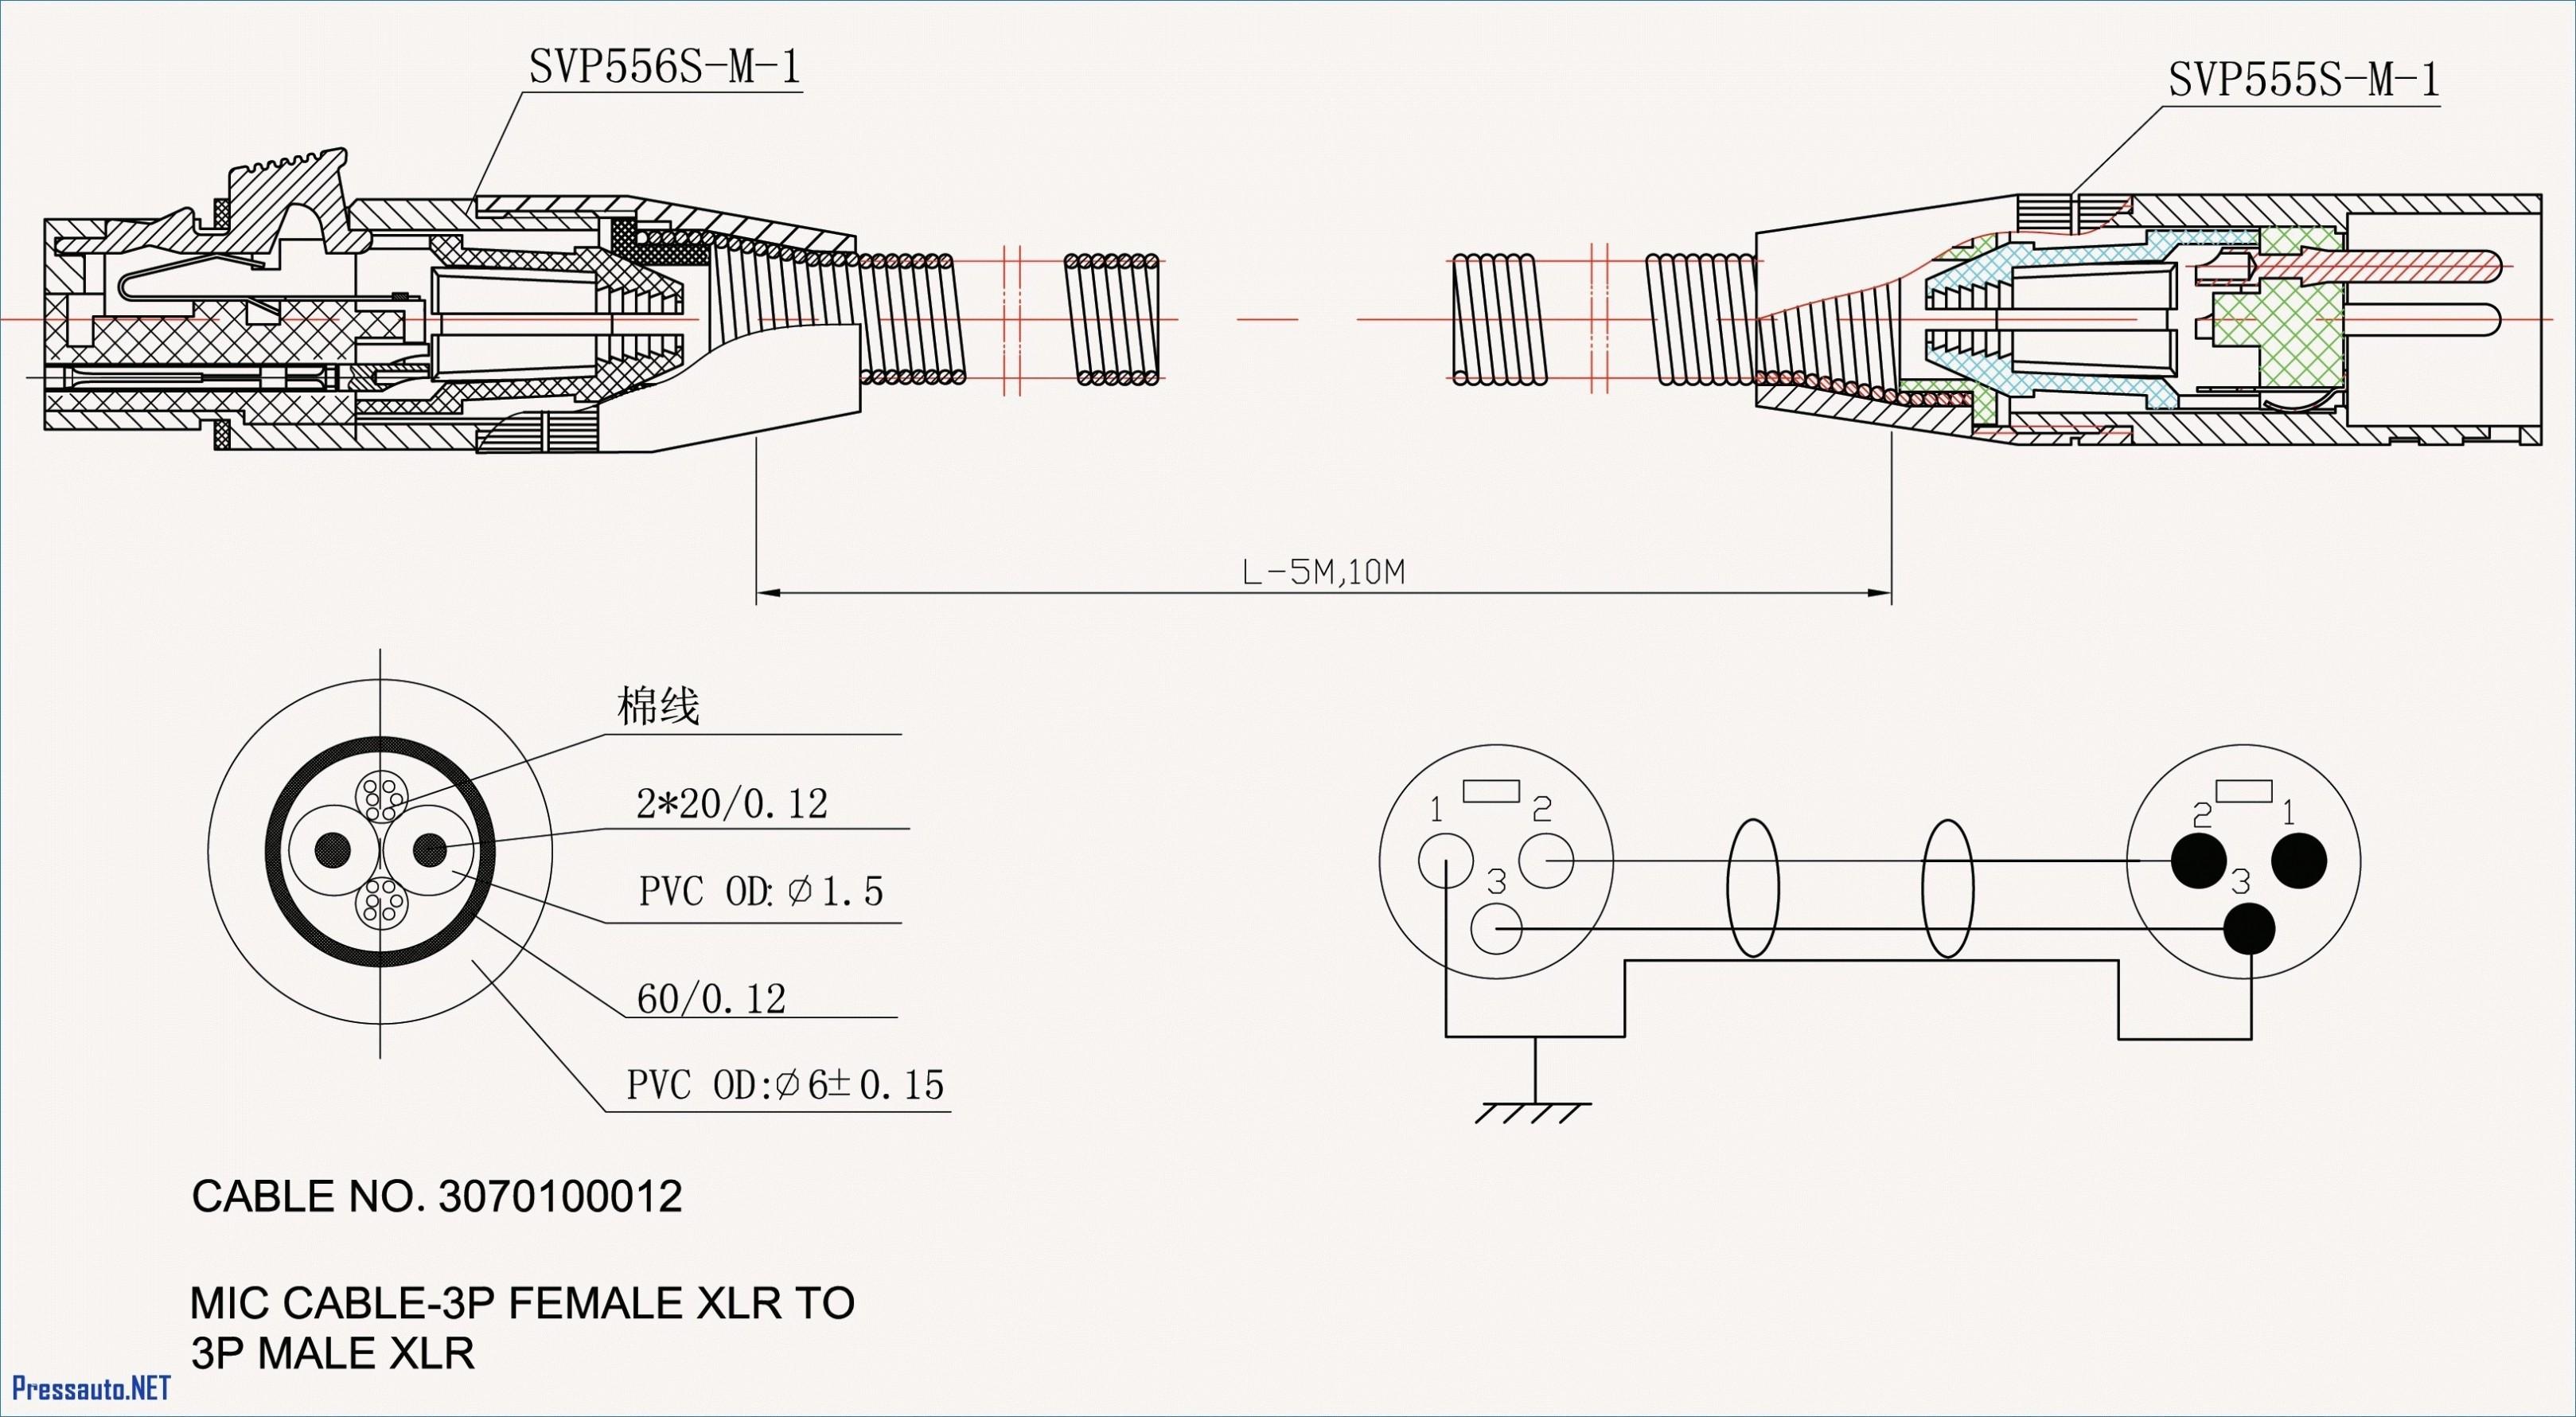 50 Amp Wiring Diagram Sample Pdf 50 Amp Rv Wiring Diagram – 30 Amp Rv Service Wiring Image – Wiring